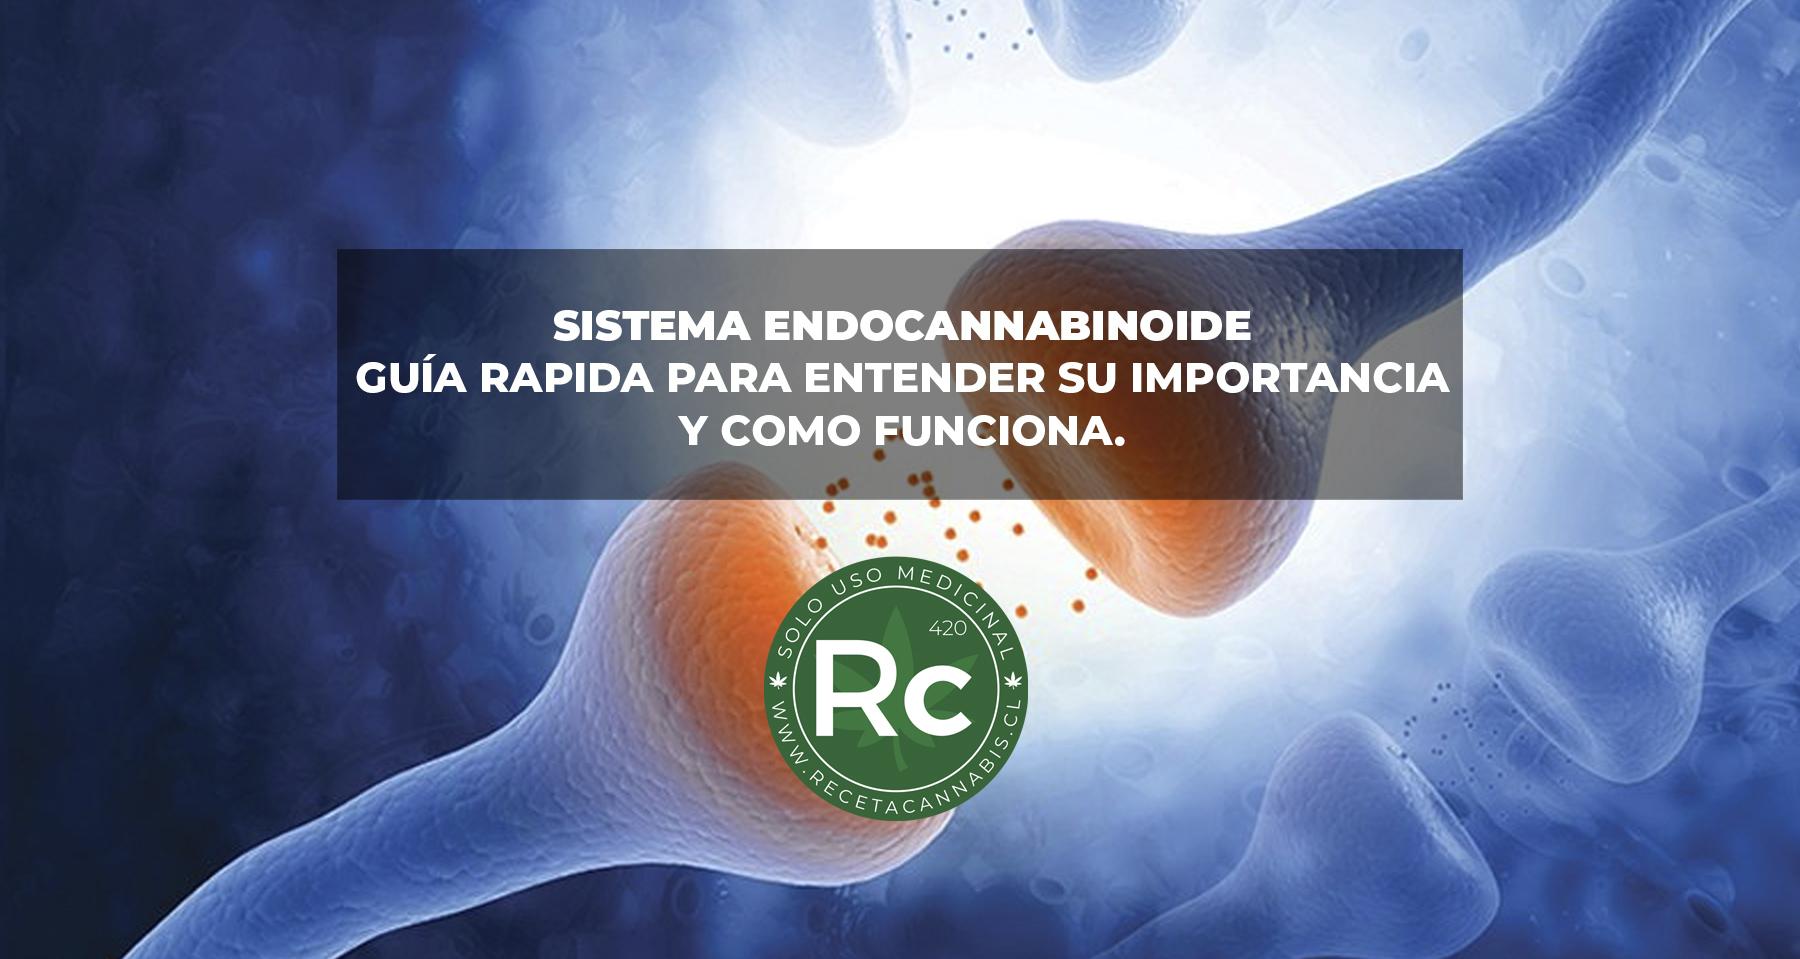 sistema_endocannabinoide_guia